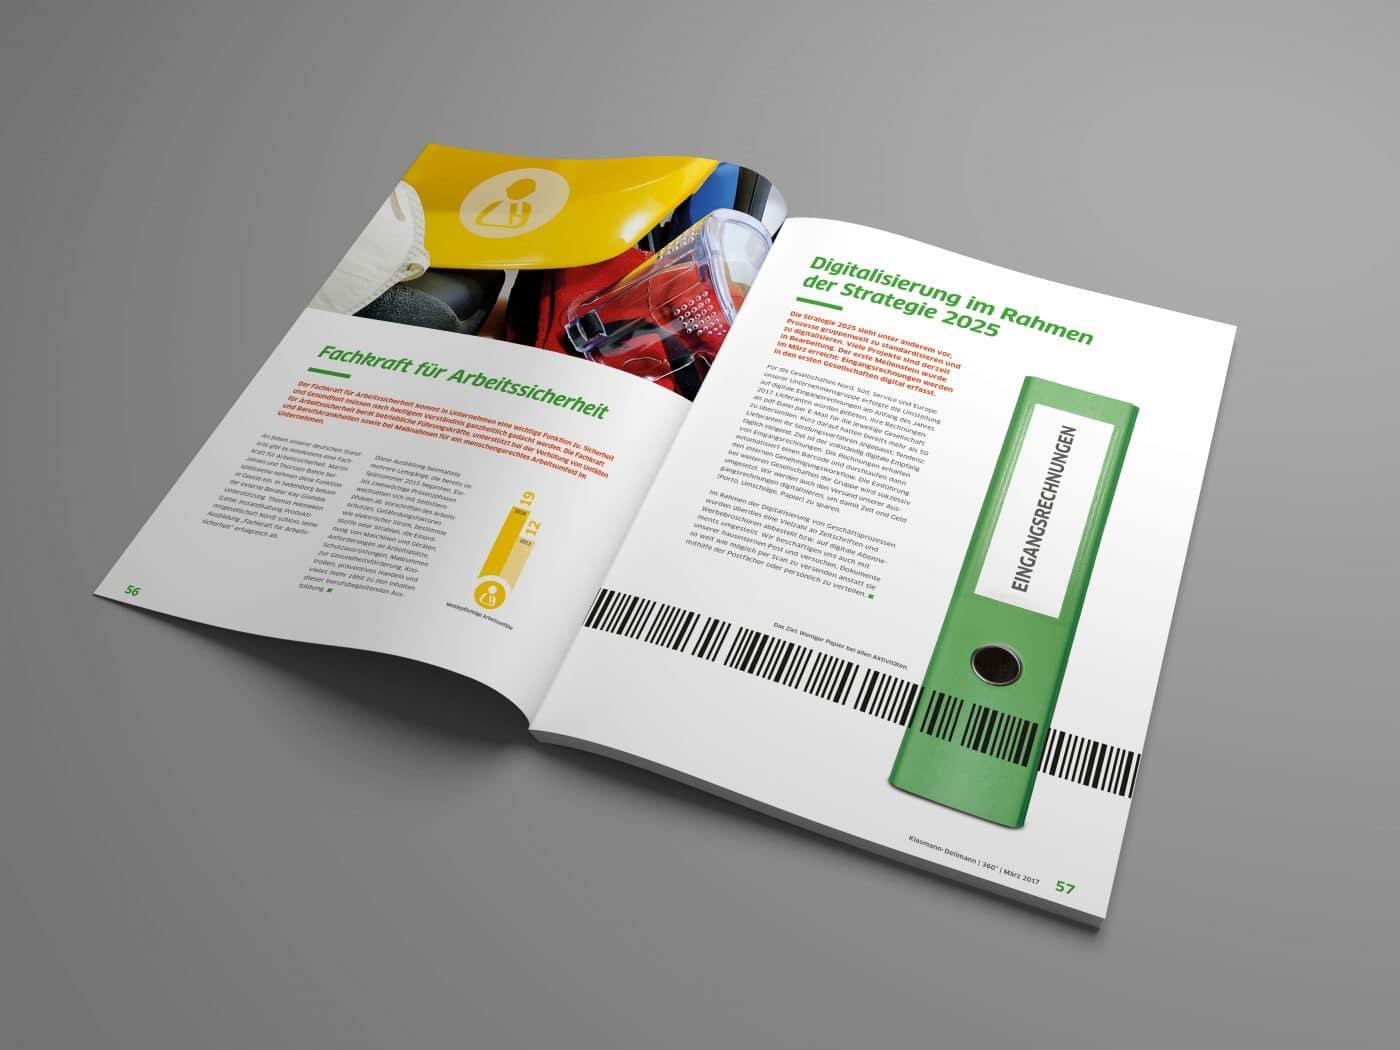 kd jahrbuch 07 - Ein rundum gelungenes Mitarbeiterjahrbuch – Corporate Design, Grafikdesign, Kommunikationsdesign, Branding, Markenentwicklung, Editorial Design